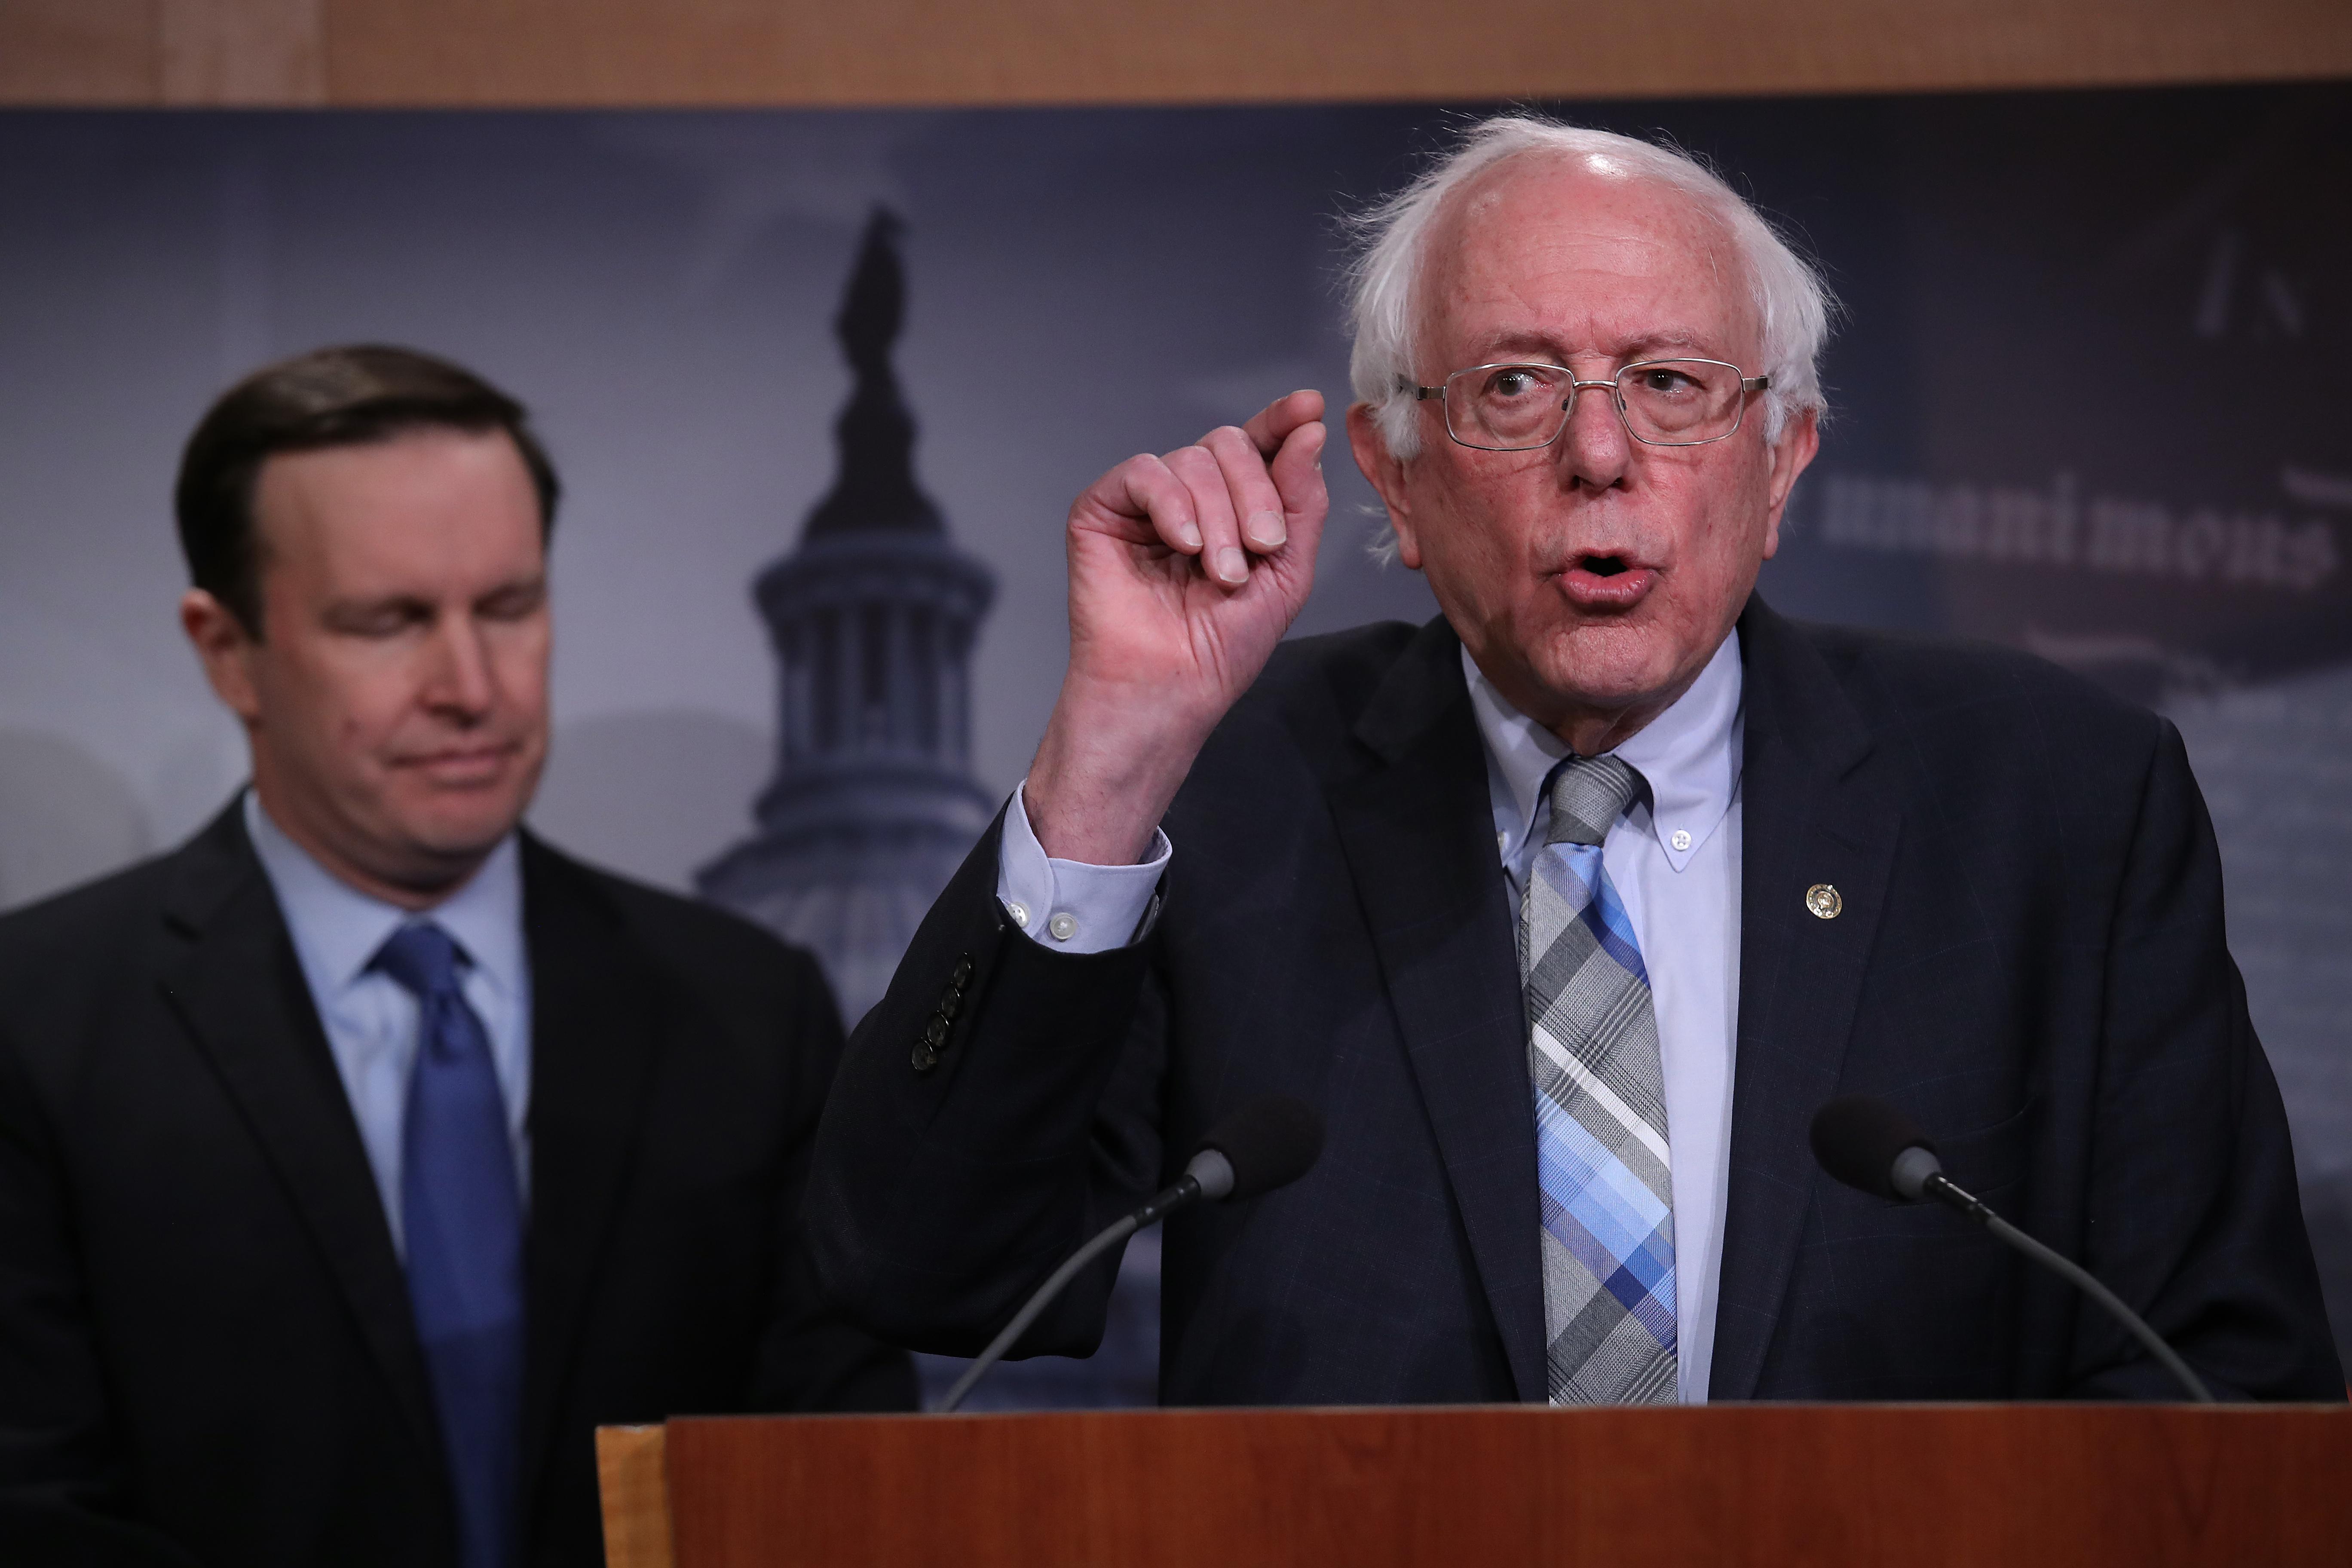 參議員桑德斯宣佈角逐2020年總統大選